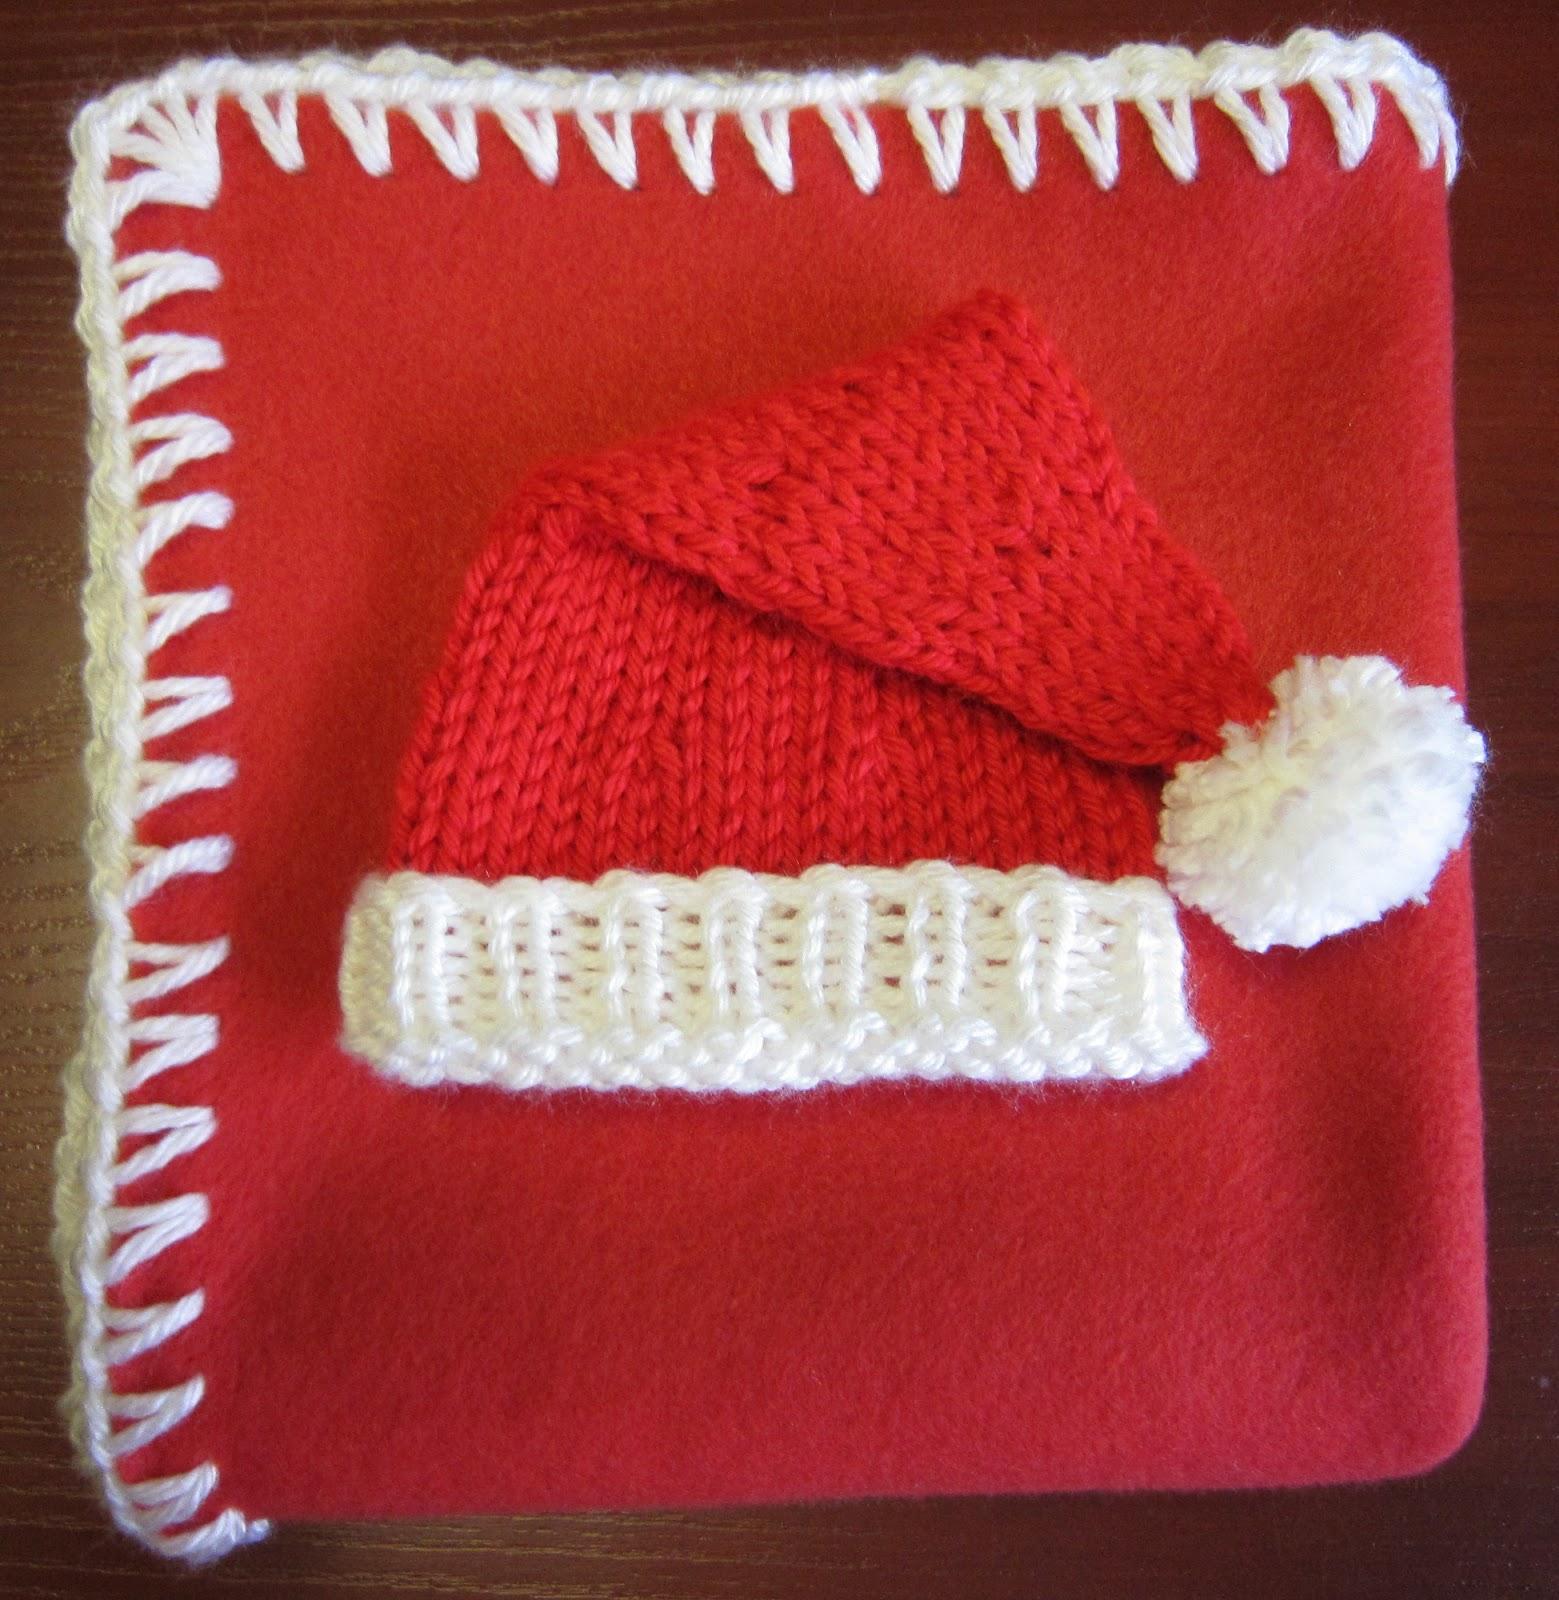 f13765fd7a9a6 Tricot bonnet noel bebe - Idées de tricot gratuit